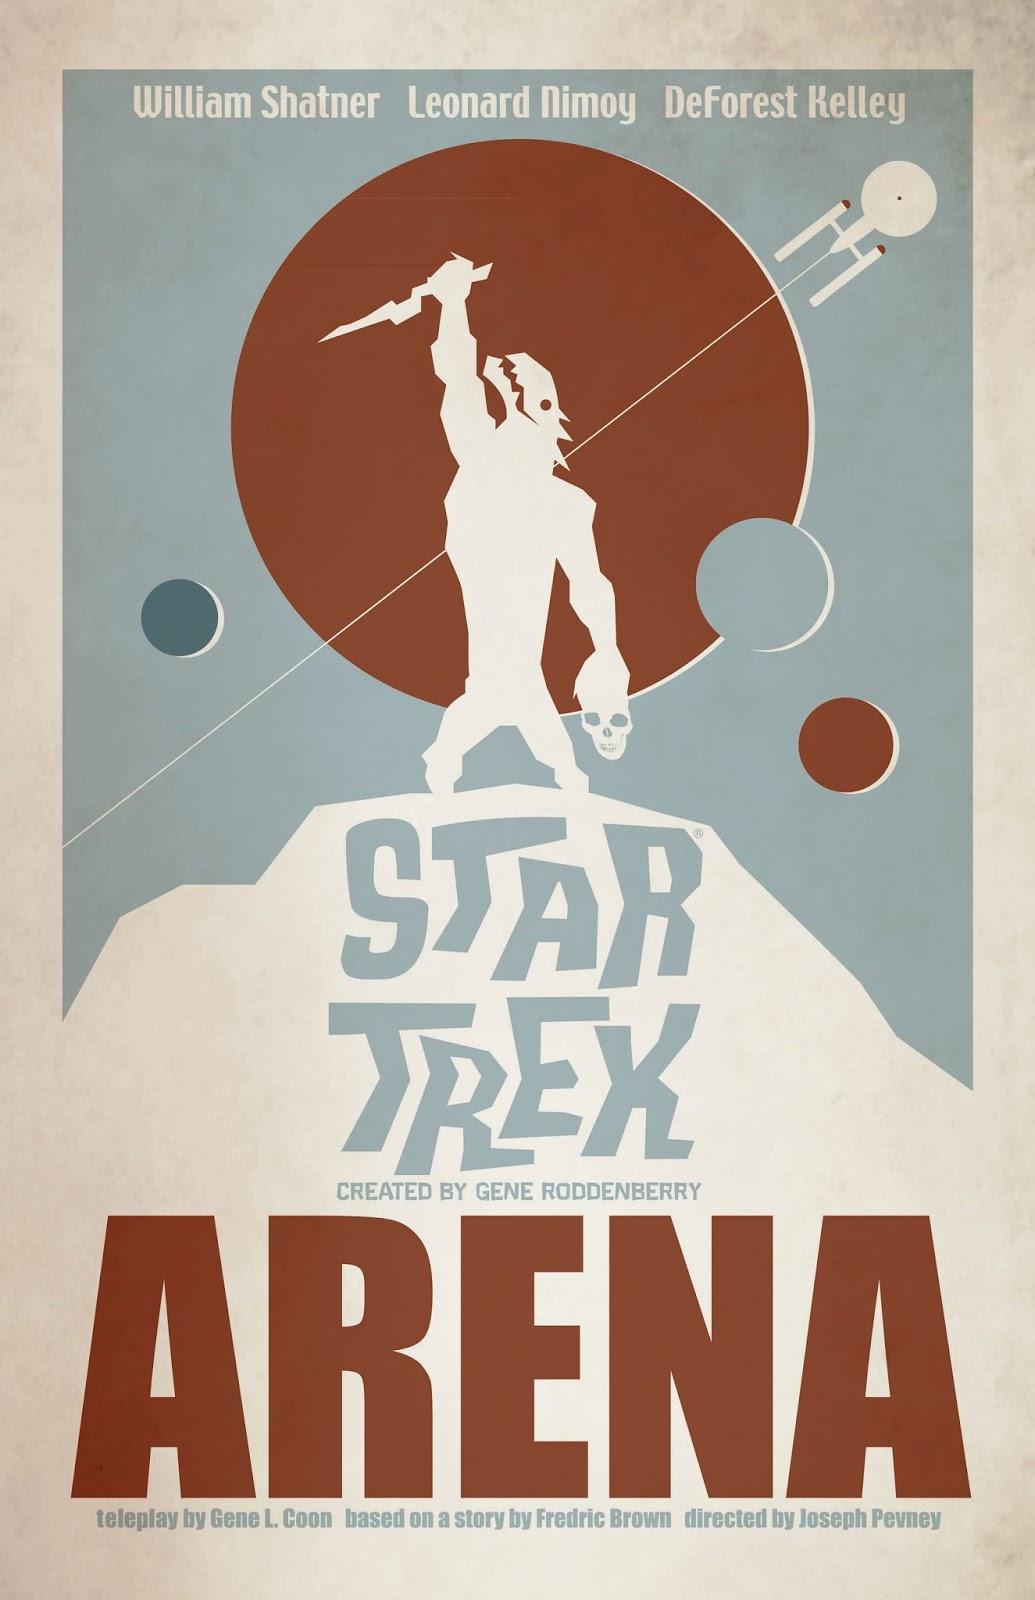 Star Trek: The Art of Juan Ortiz Arena